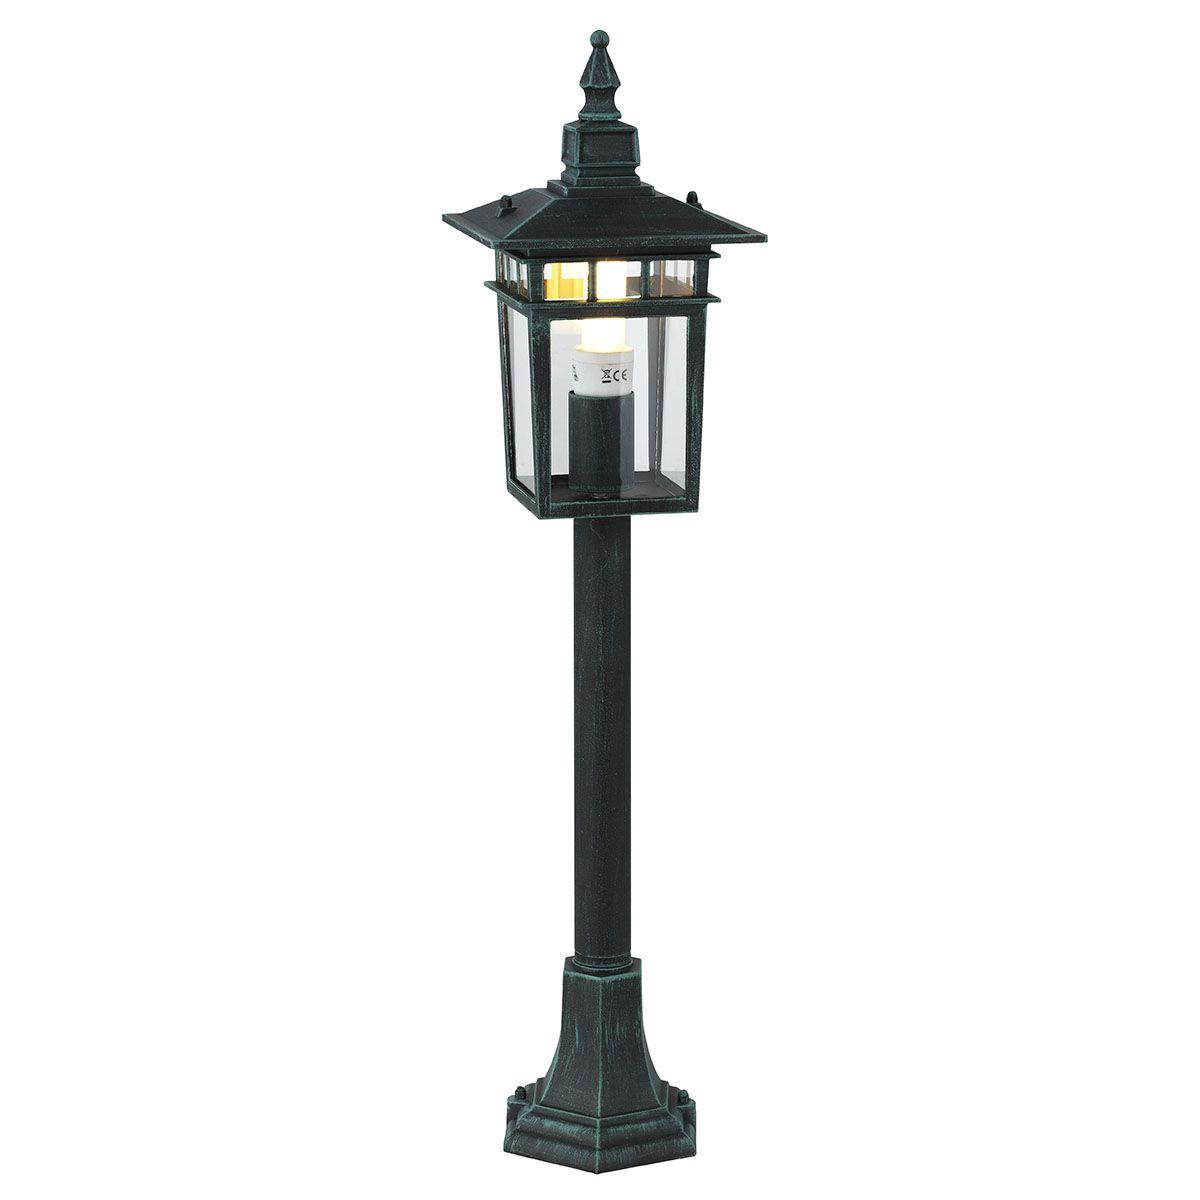 Pin On Lampy Ogrodowe Zewnetrzne Alejka W Ogrodzie